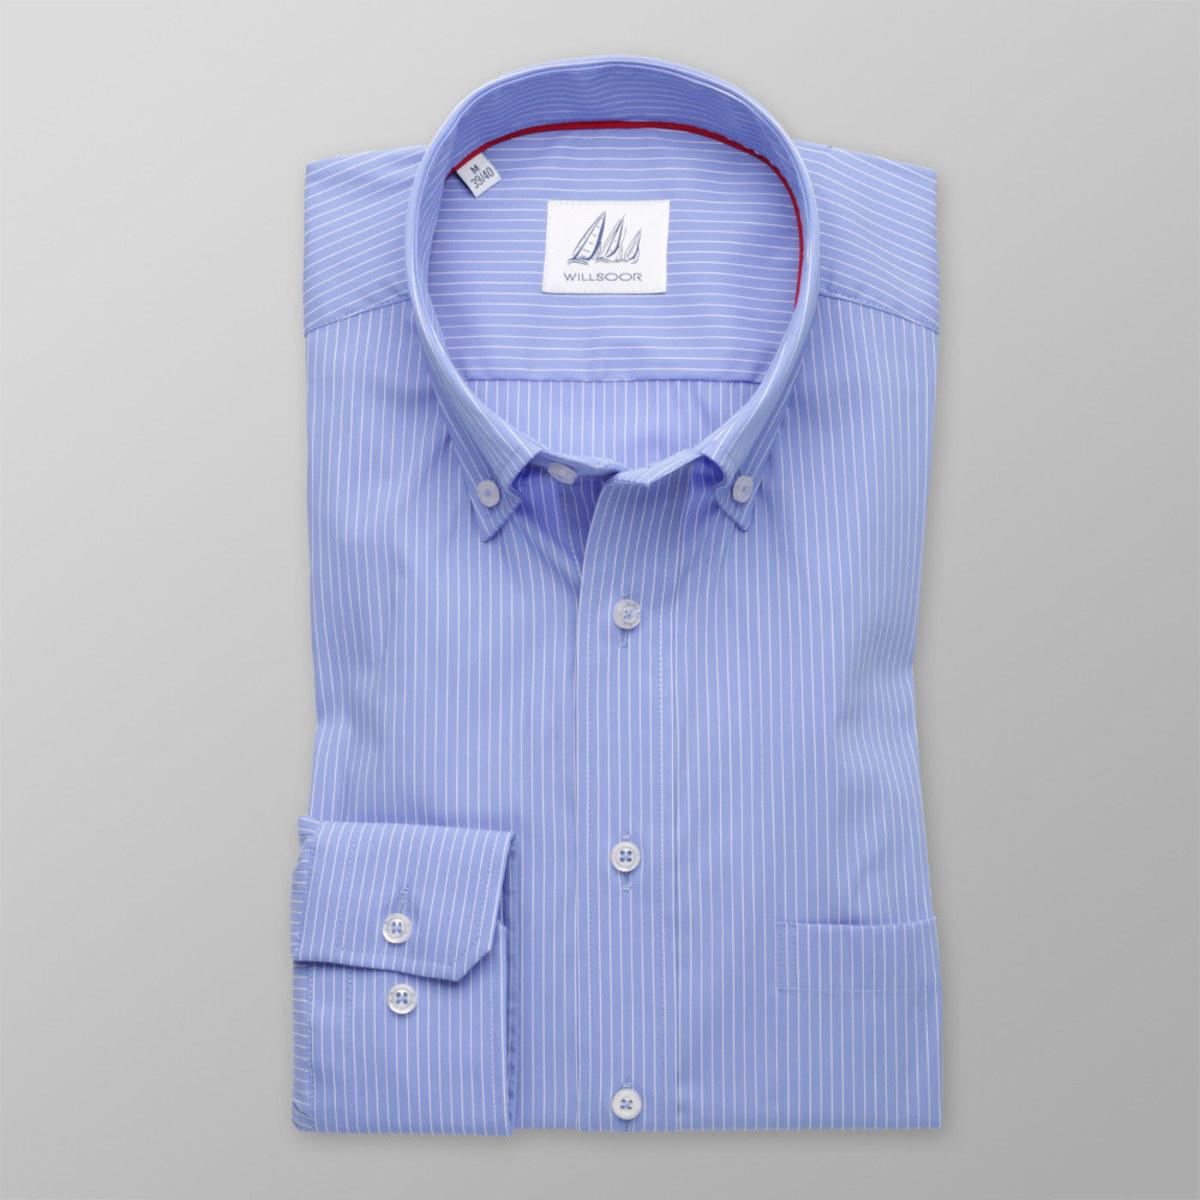 Pánská klasická košile (výška 176-182) 8295 v modré barvě s proužky 176-182 / XL (43/44)